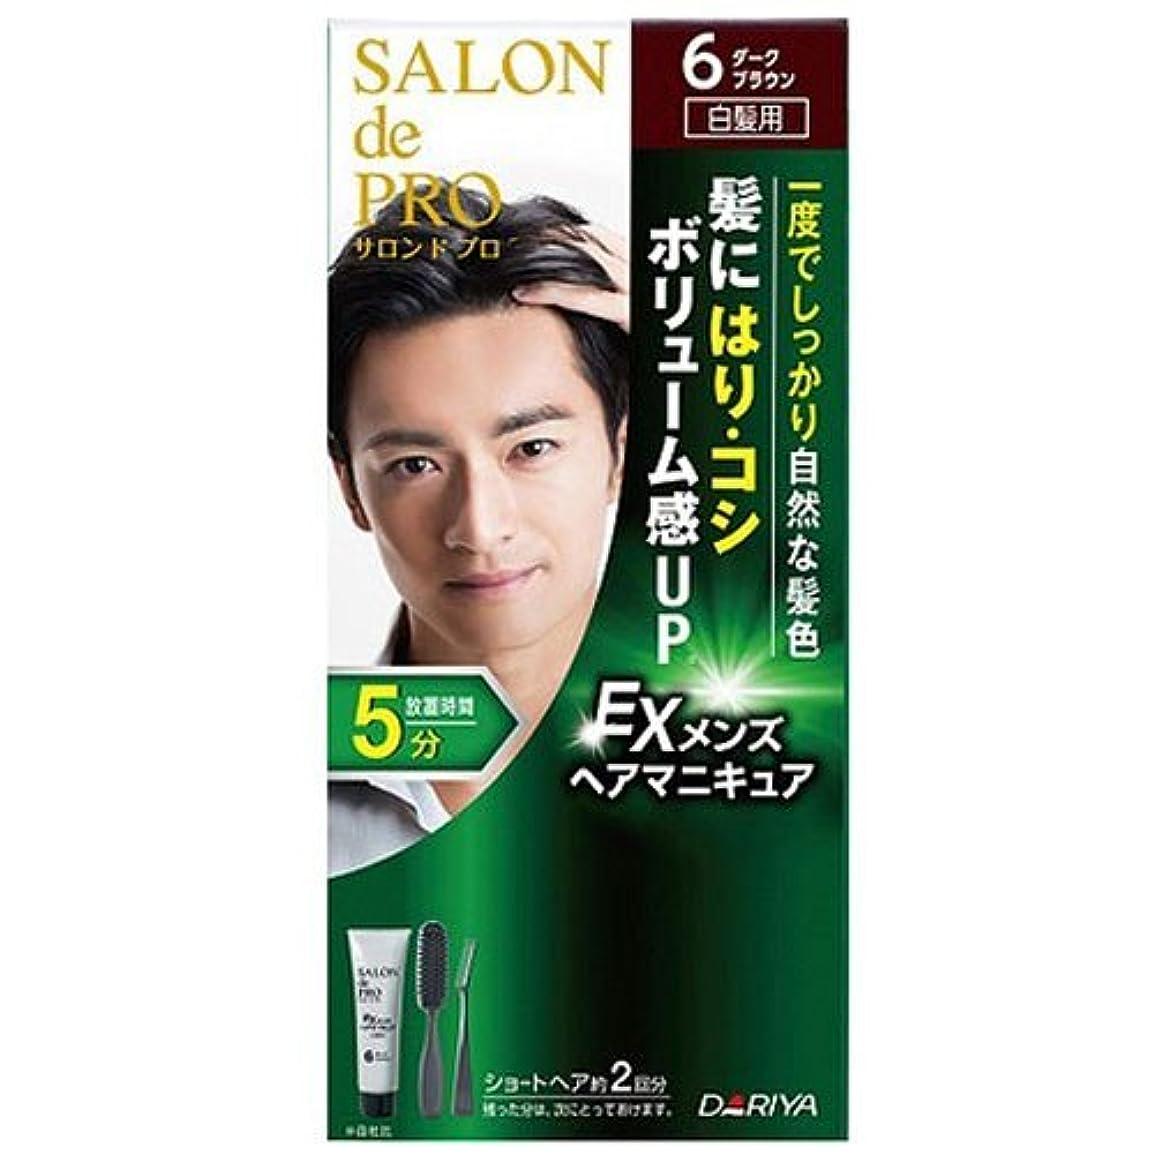 折る解説陽気なサロンドプロ EXメンズヘアマニキュア 白髪用 6 ダークブラウン